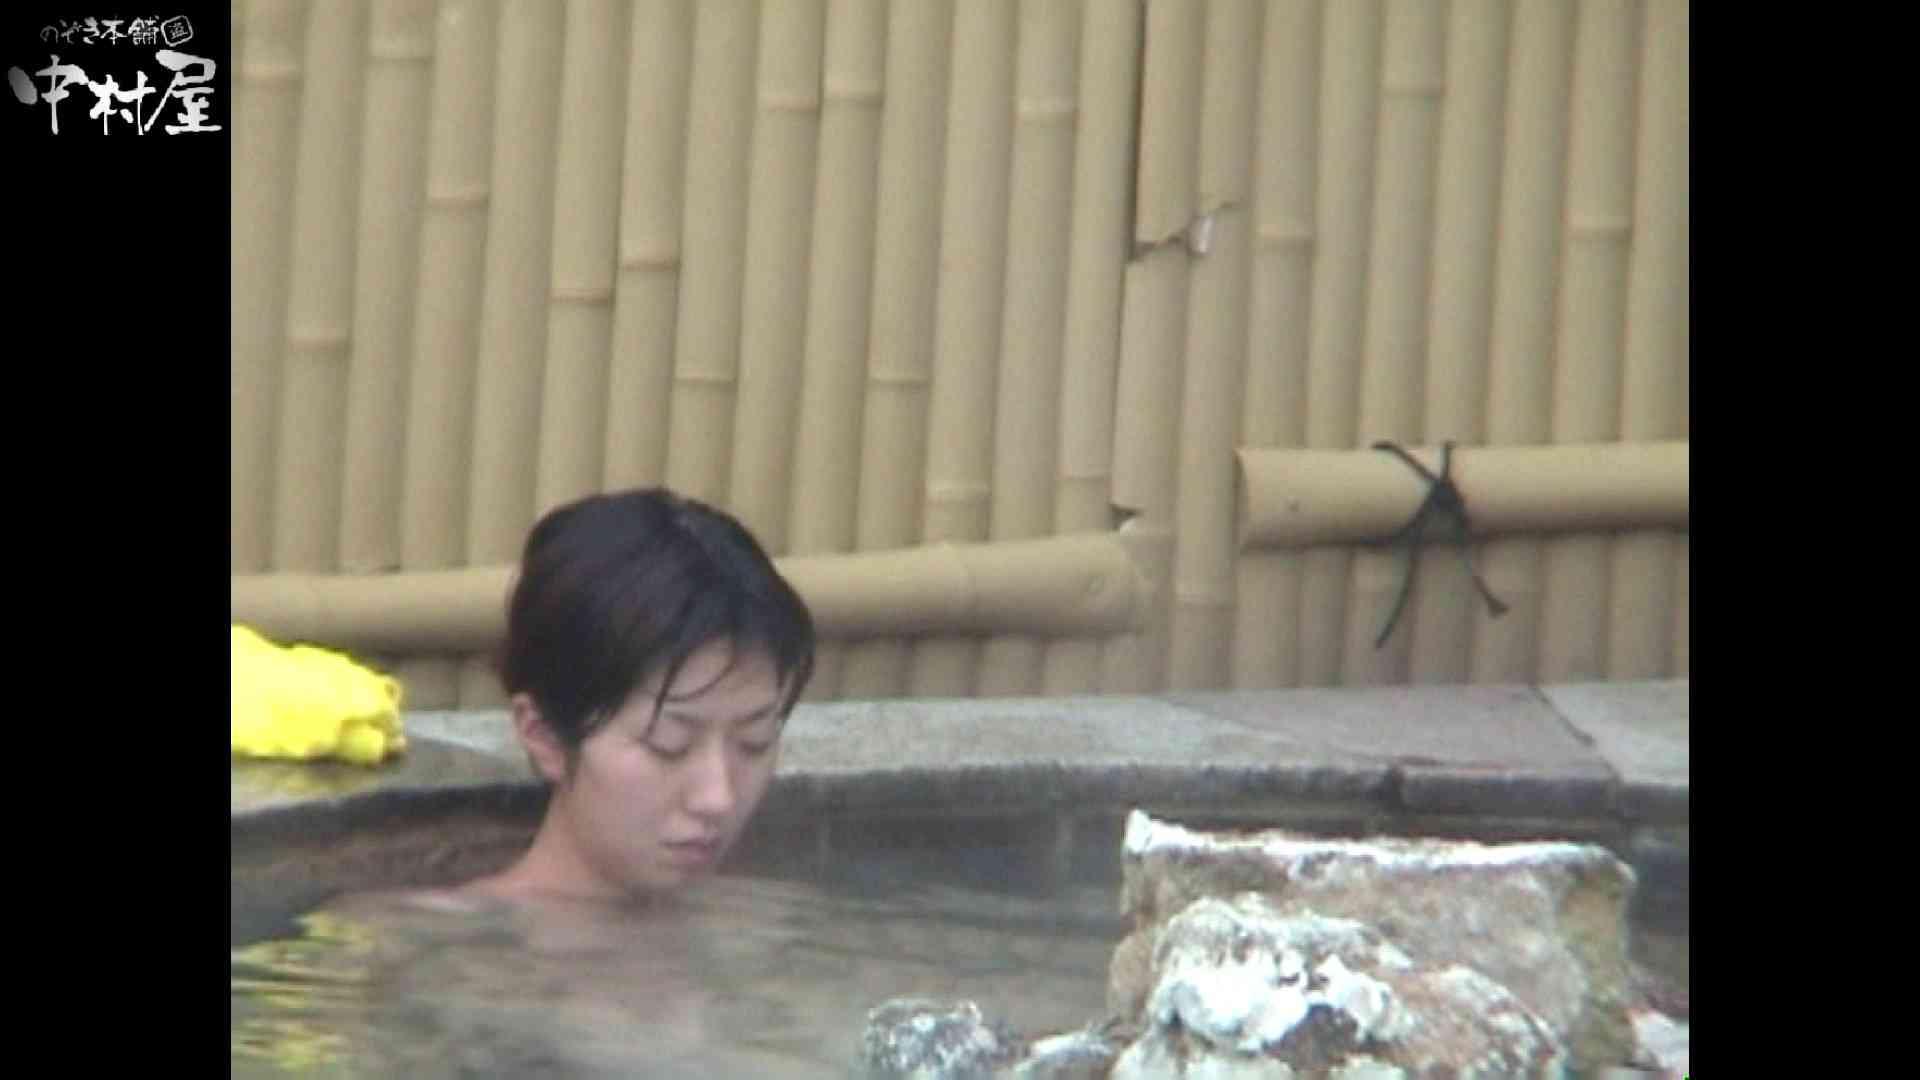 Aquaな露天風呂Vol.921 盗撮特集 | 露天  93画像 52